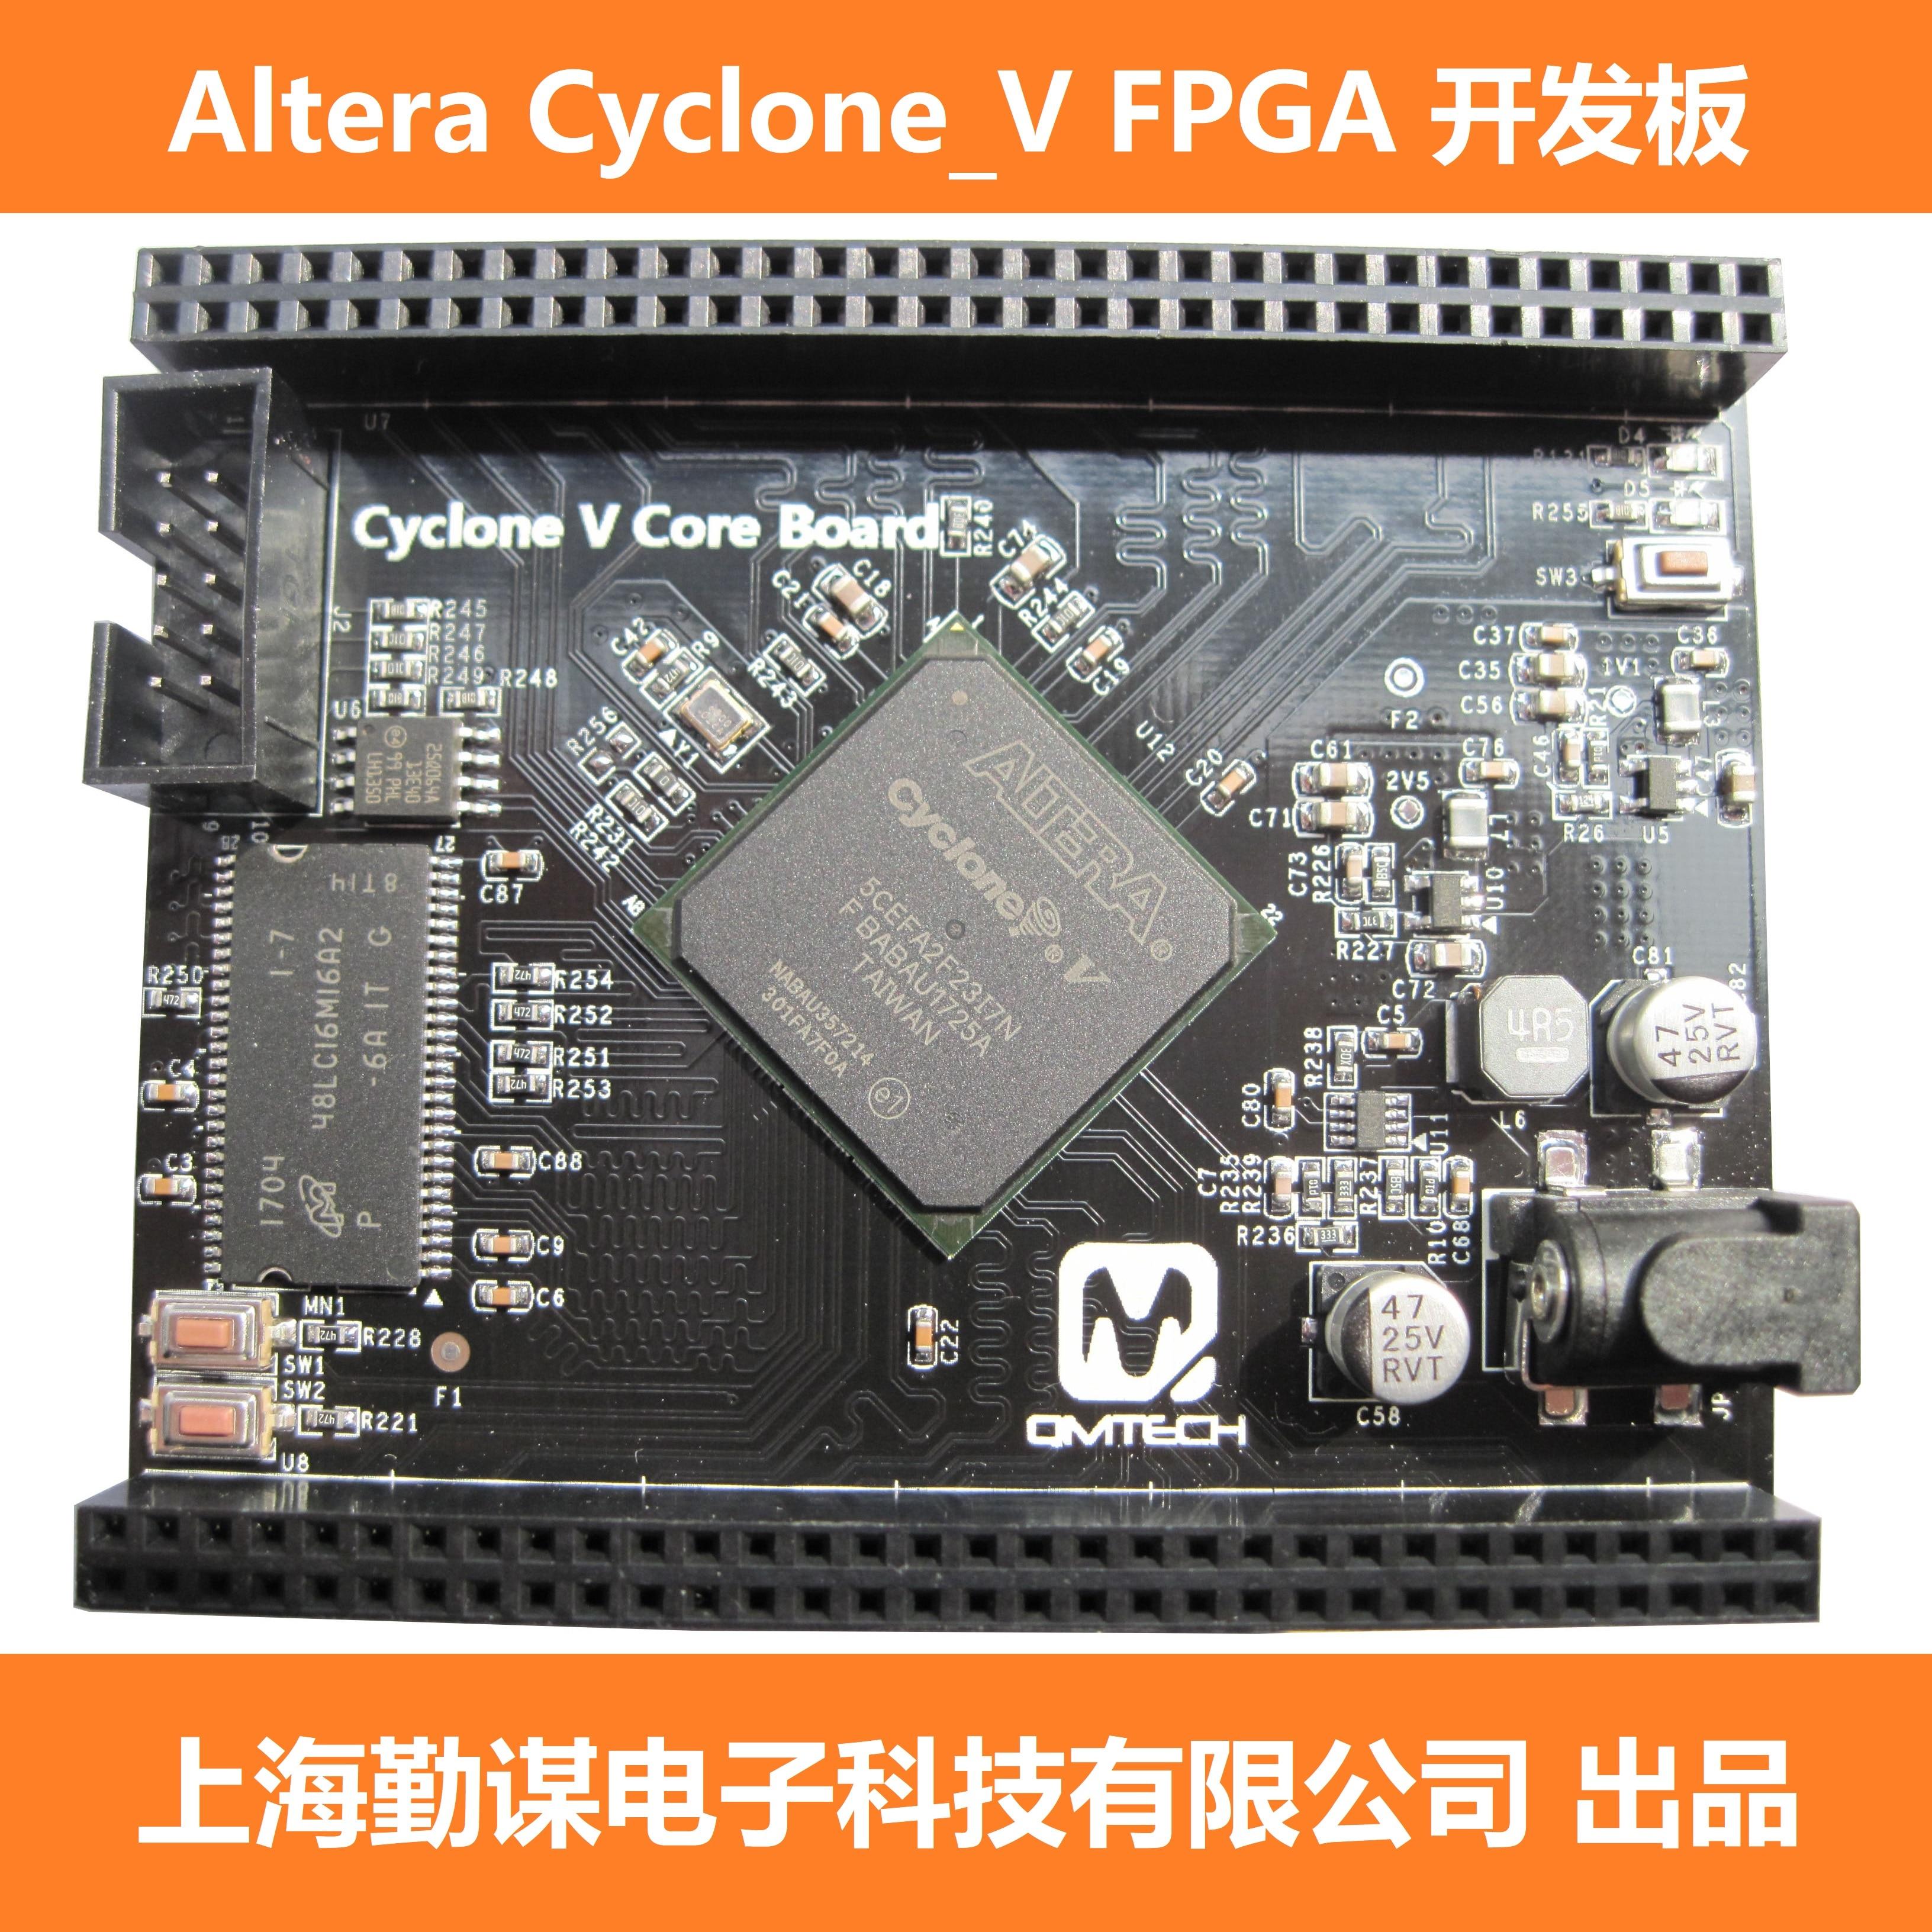 Altera Cyclone V FPGA Development Board Core Board 5CEFA2F23Altera Cyclone V FPGA Development Board Core Board 5CEFA2F23